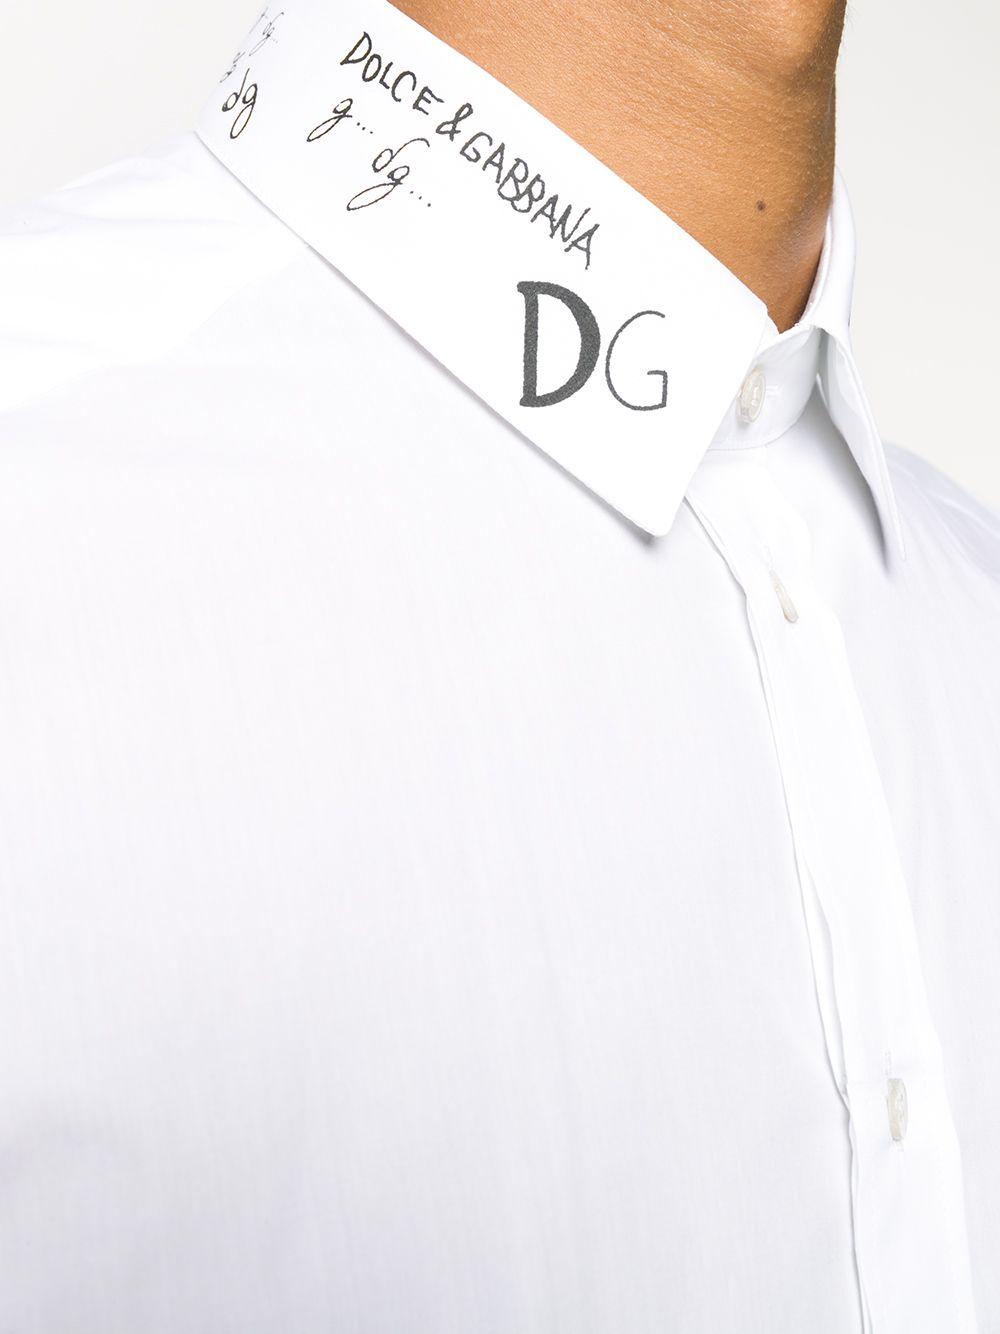 camicia bianca in cotone con logo Dolce & Gabbana sul colletto DOLCE & GABBANA | Camicie | G5EJ0T-GEO46W0800